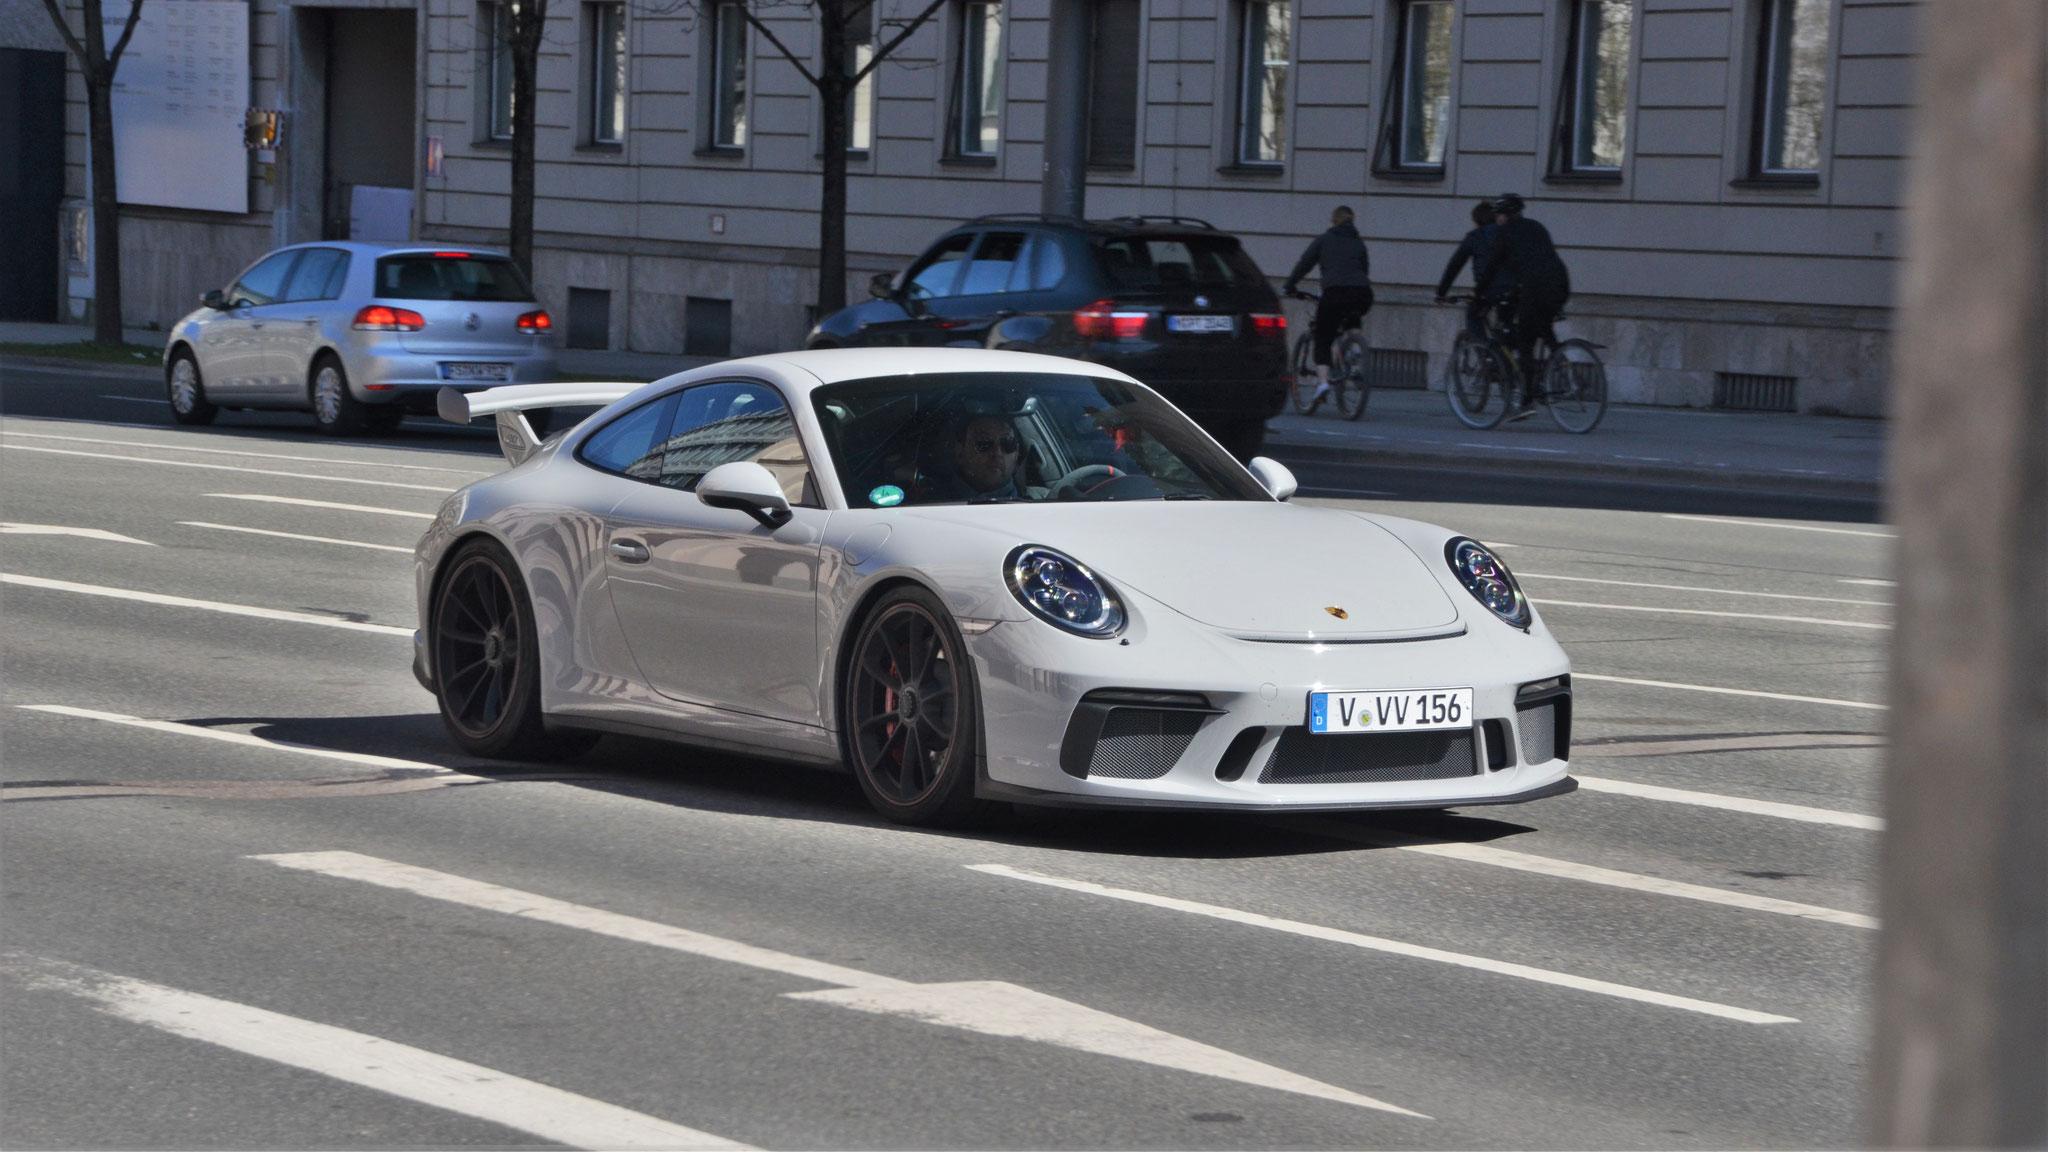 Porsche 991 GT3 - V-VV-156